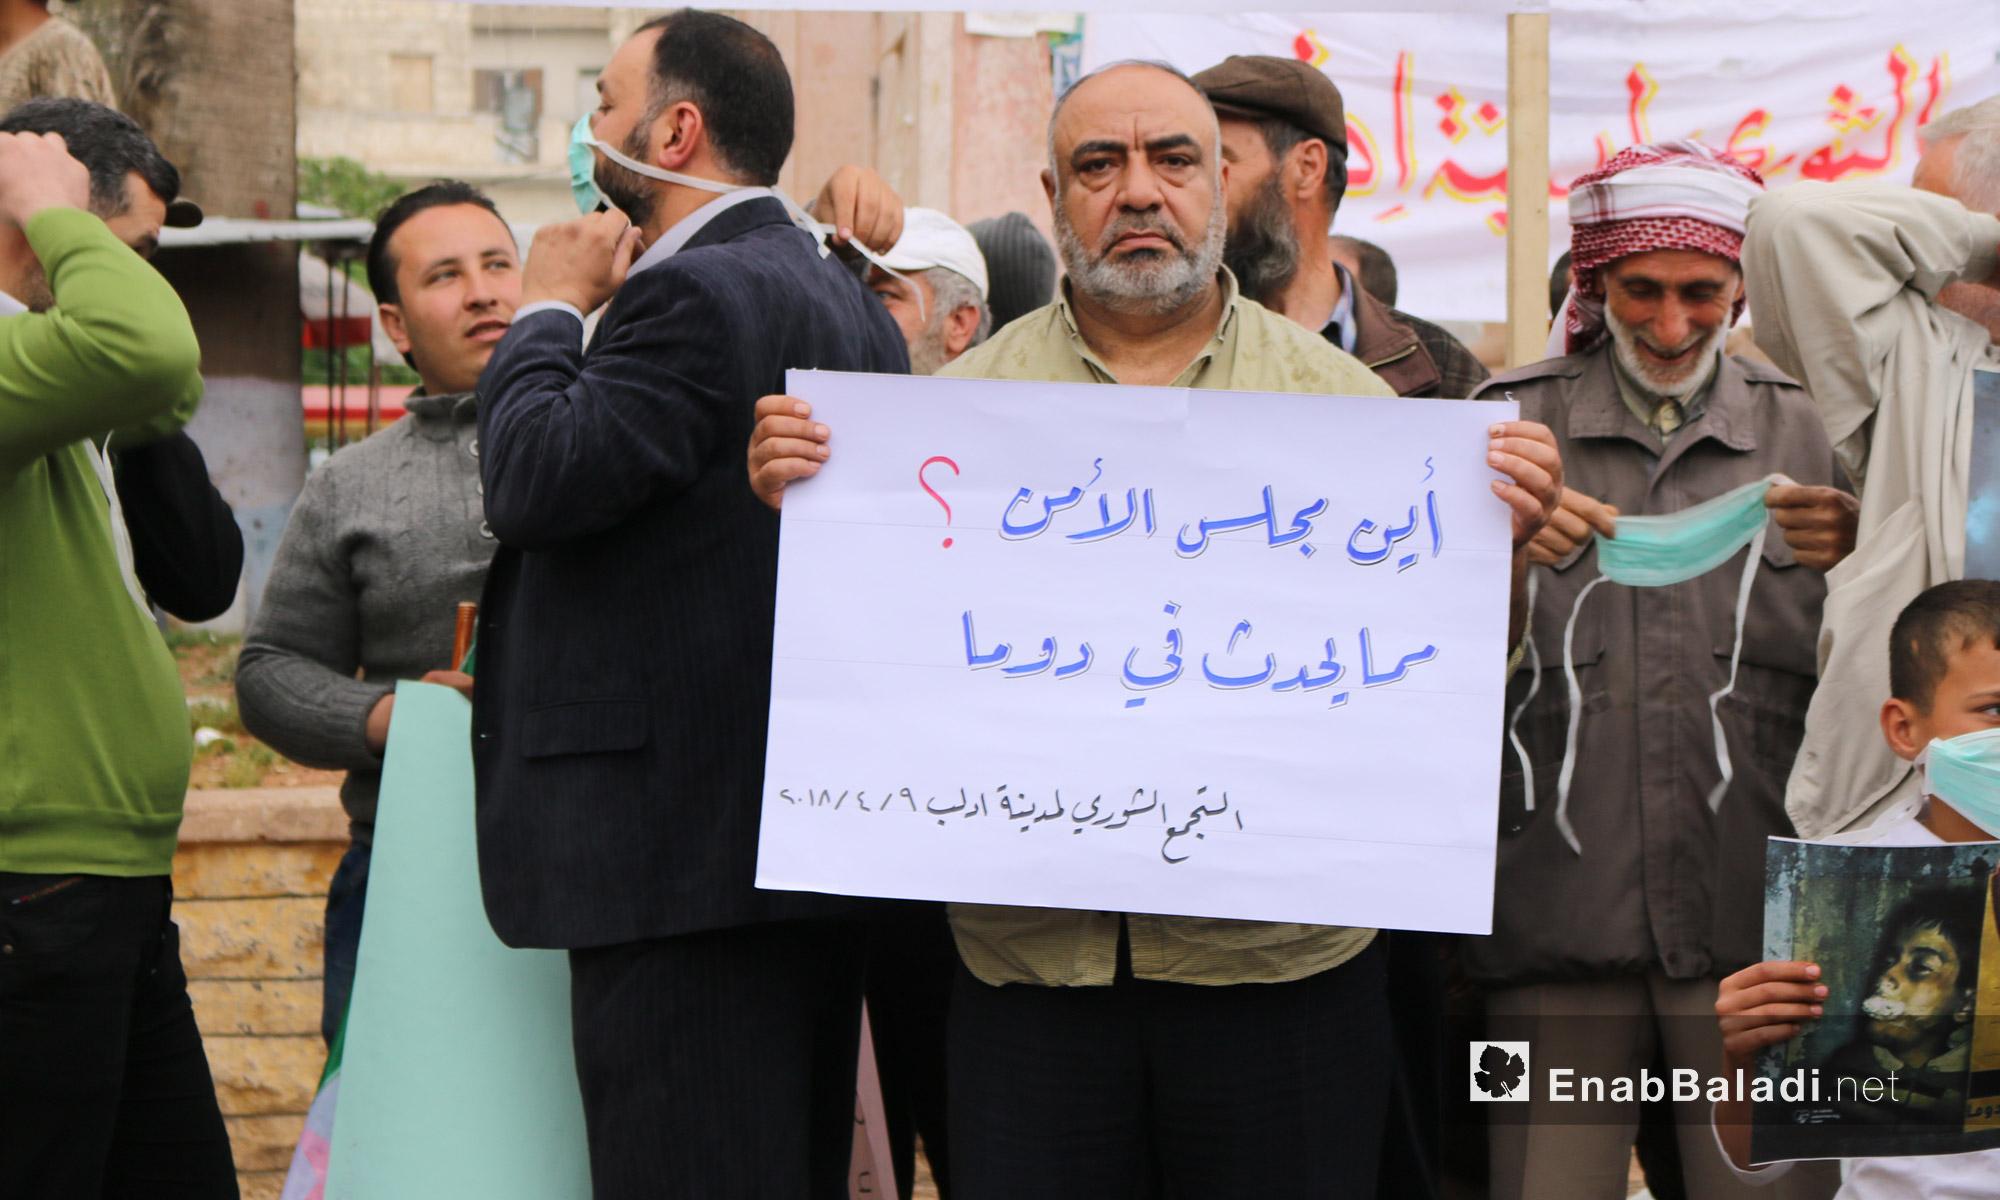 رجل يحمل لافتة خلال وقفة تضامنية لأهالي إدلب مع دوما بعد مجزرة الكيماوي - 9 من نيسان 2018 (عنب بلدي)